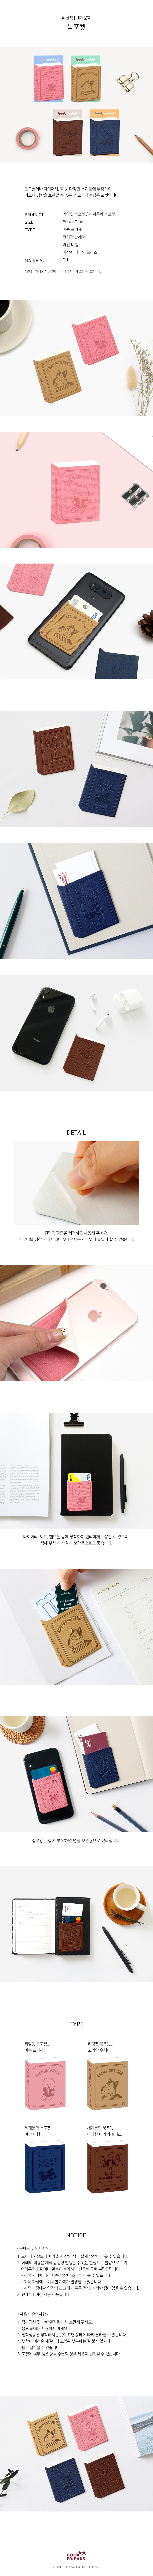 Book pocket 북포켓 (5type) - 북프렌즈, 3,800원, 휴대아이템, 교통카드/케이스